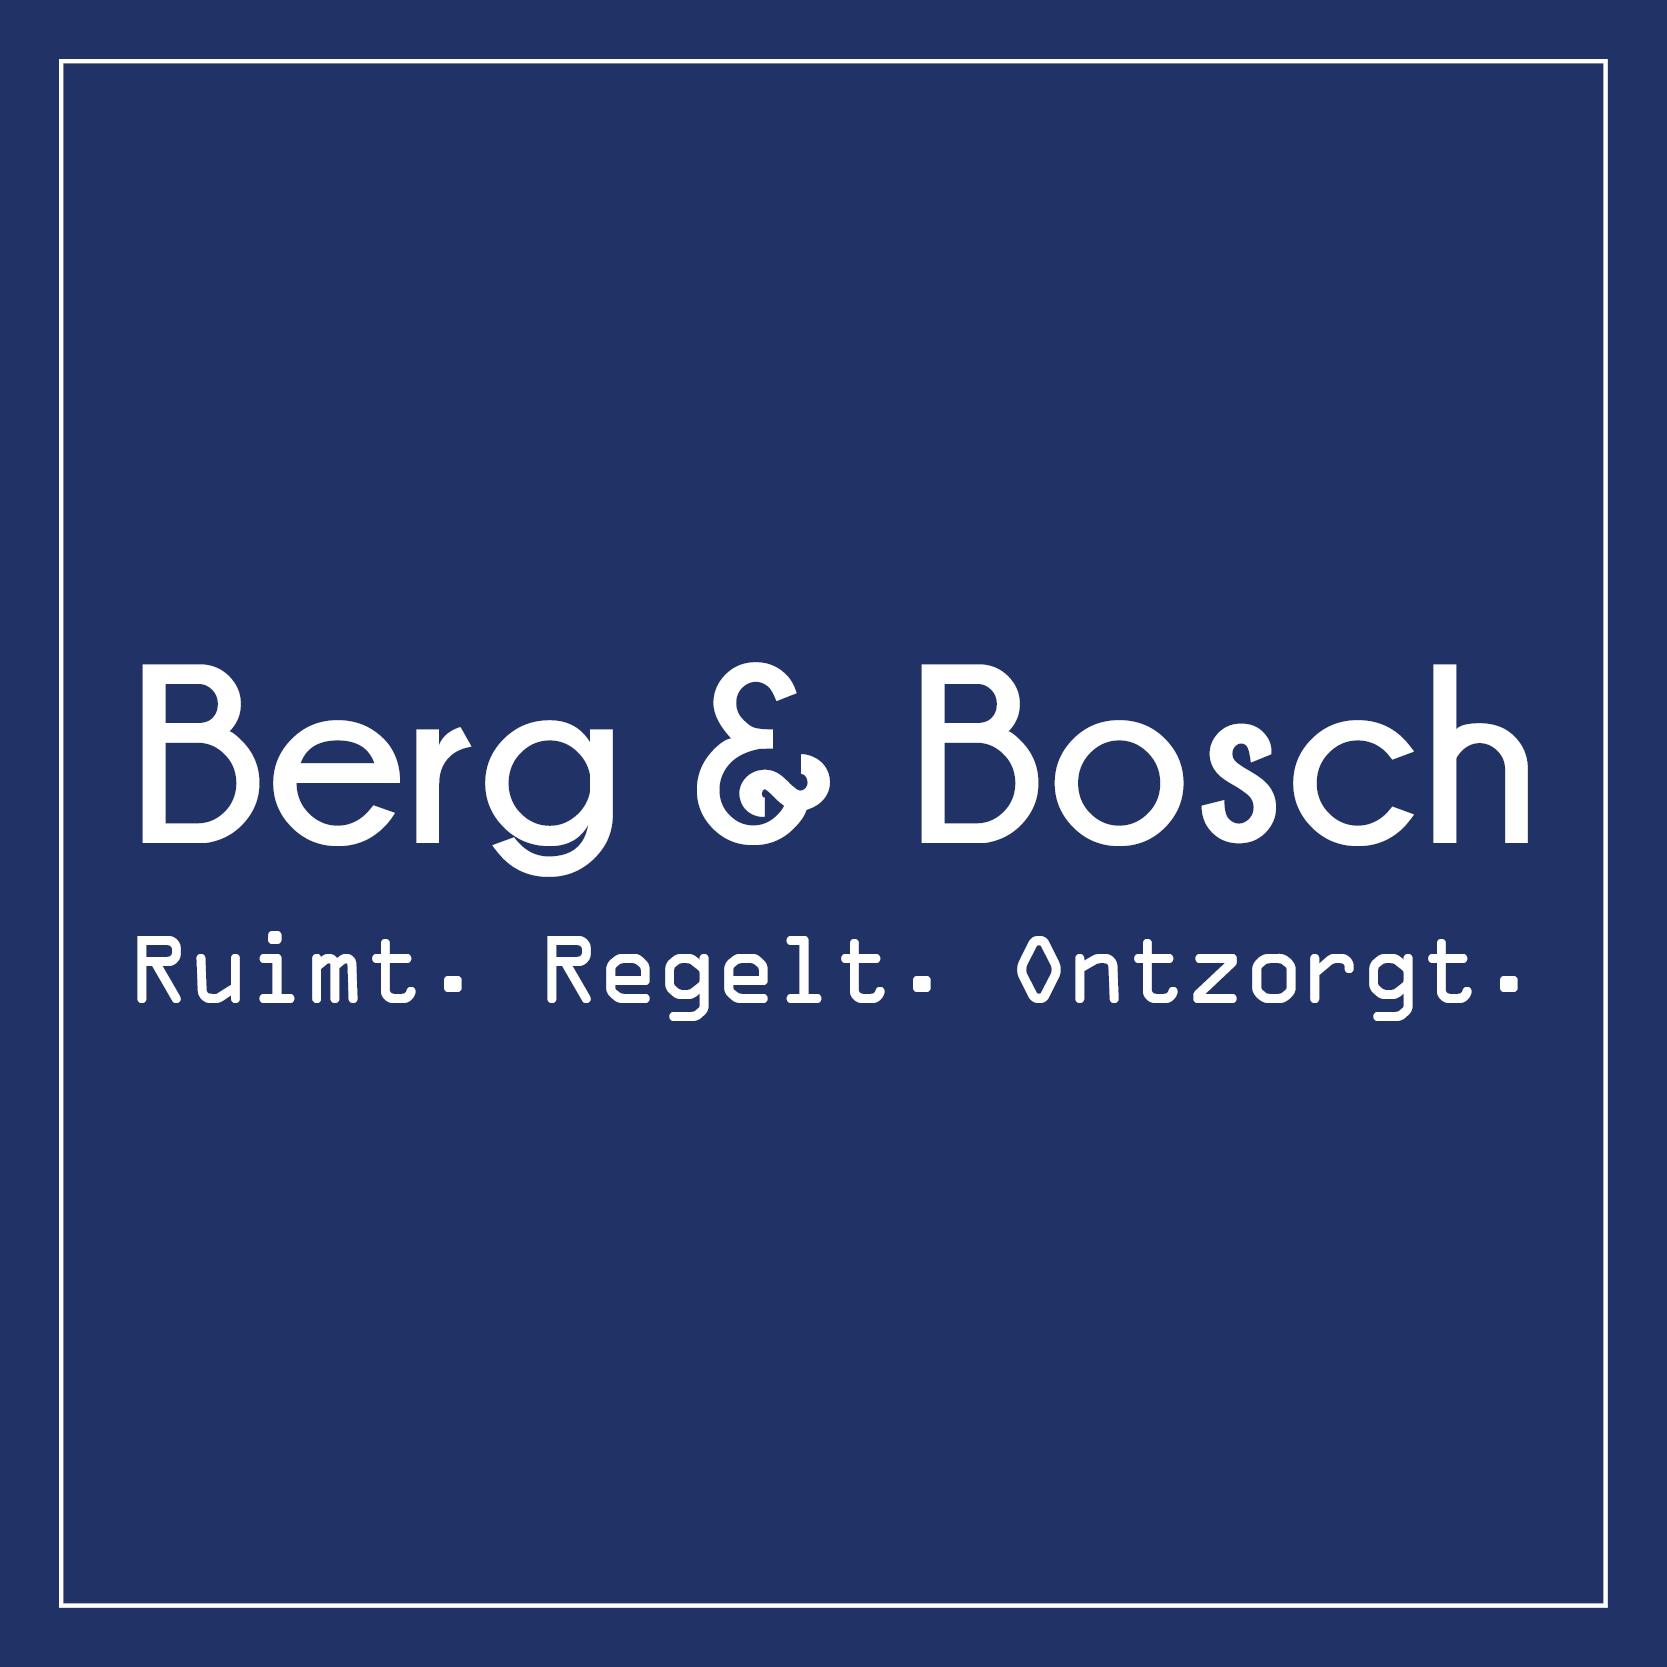 Berg & Bosch. Ruimt. Regelt. Ontzorgt.